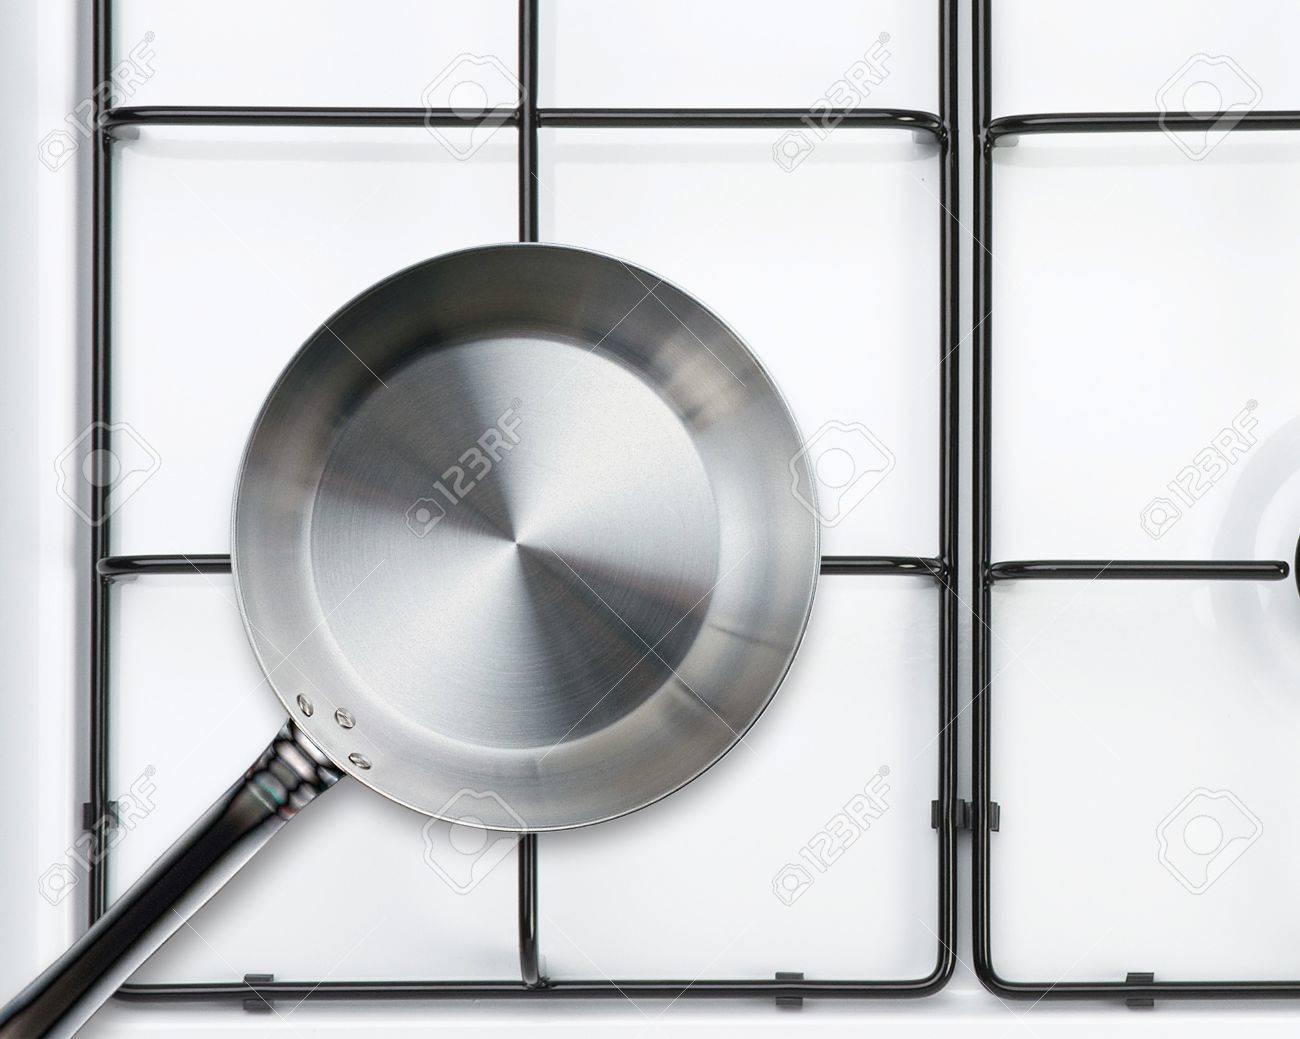 Empty steel frying pan on stove Stock Photo - 15551279